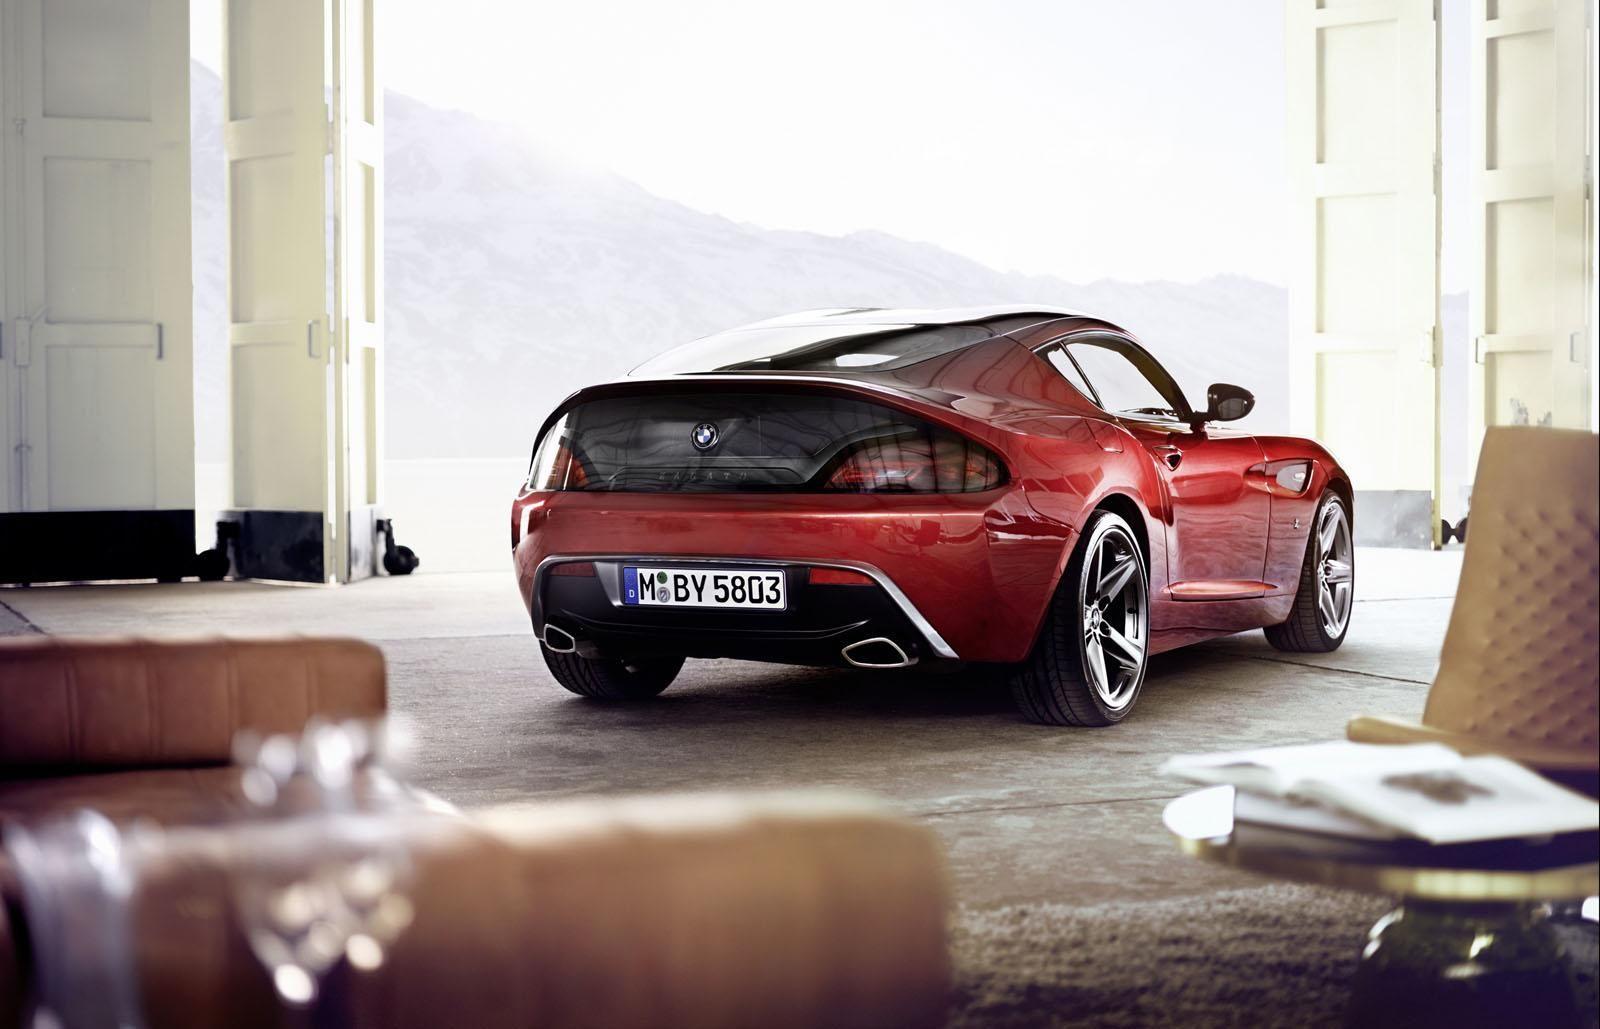 BMW Zagato Coupé Concept (2012) | AUTO | Pinterest | BMW and Bmw concept